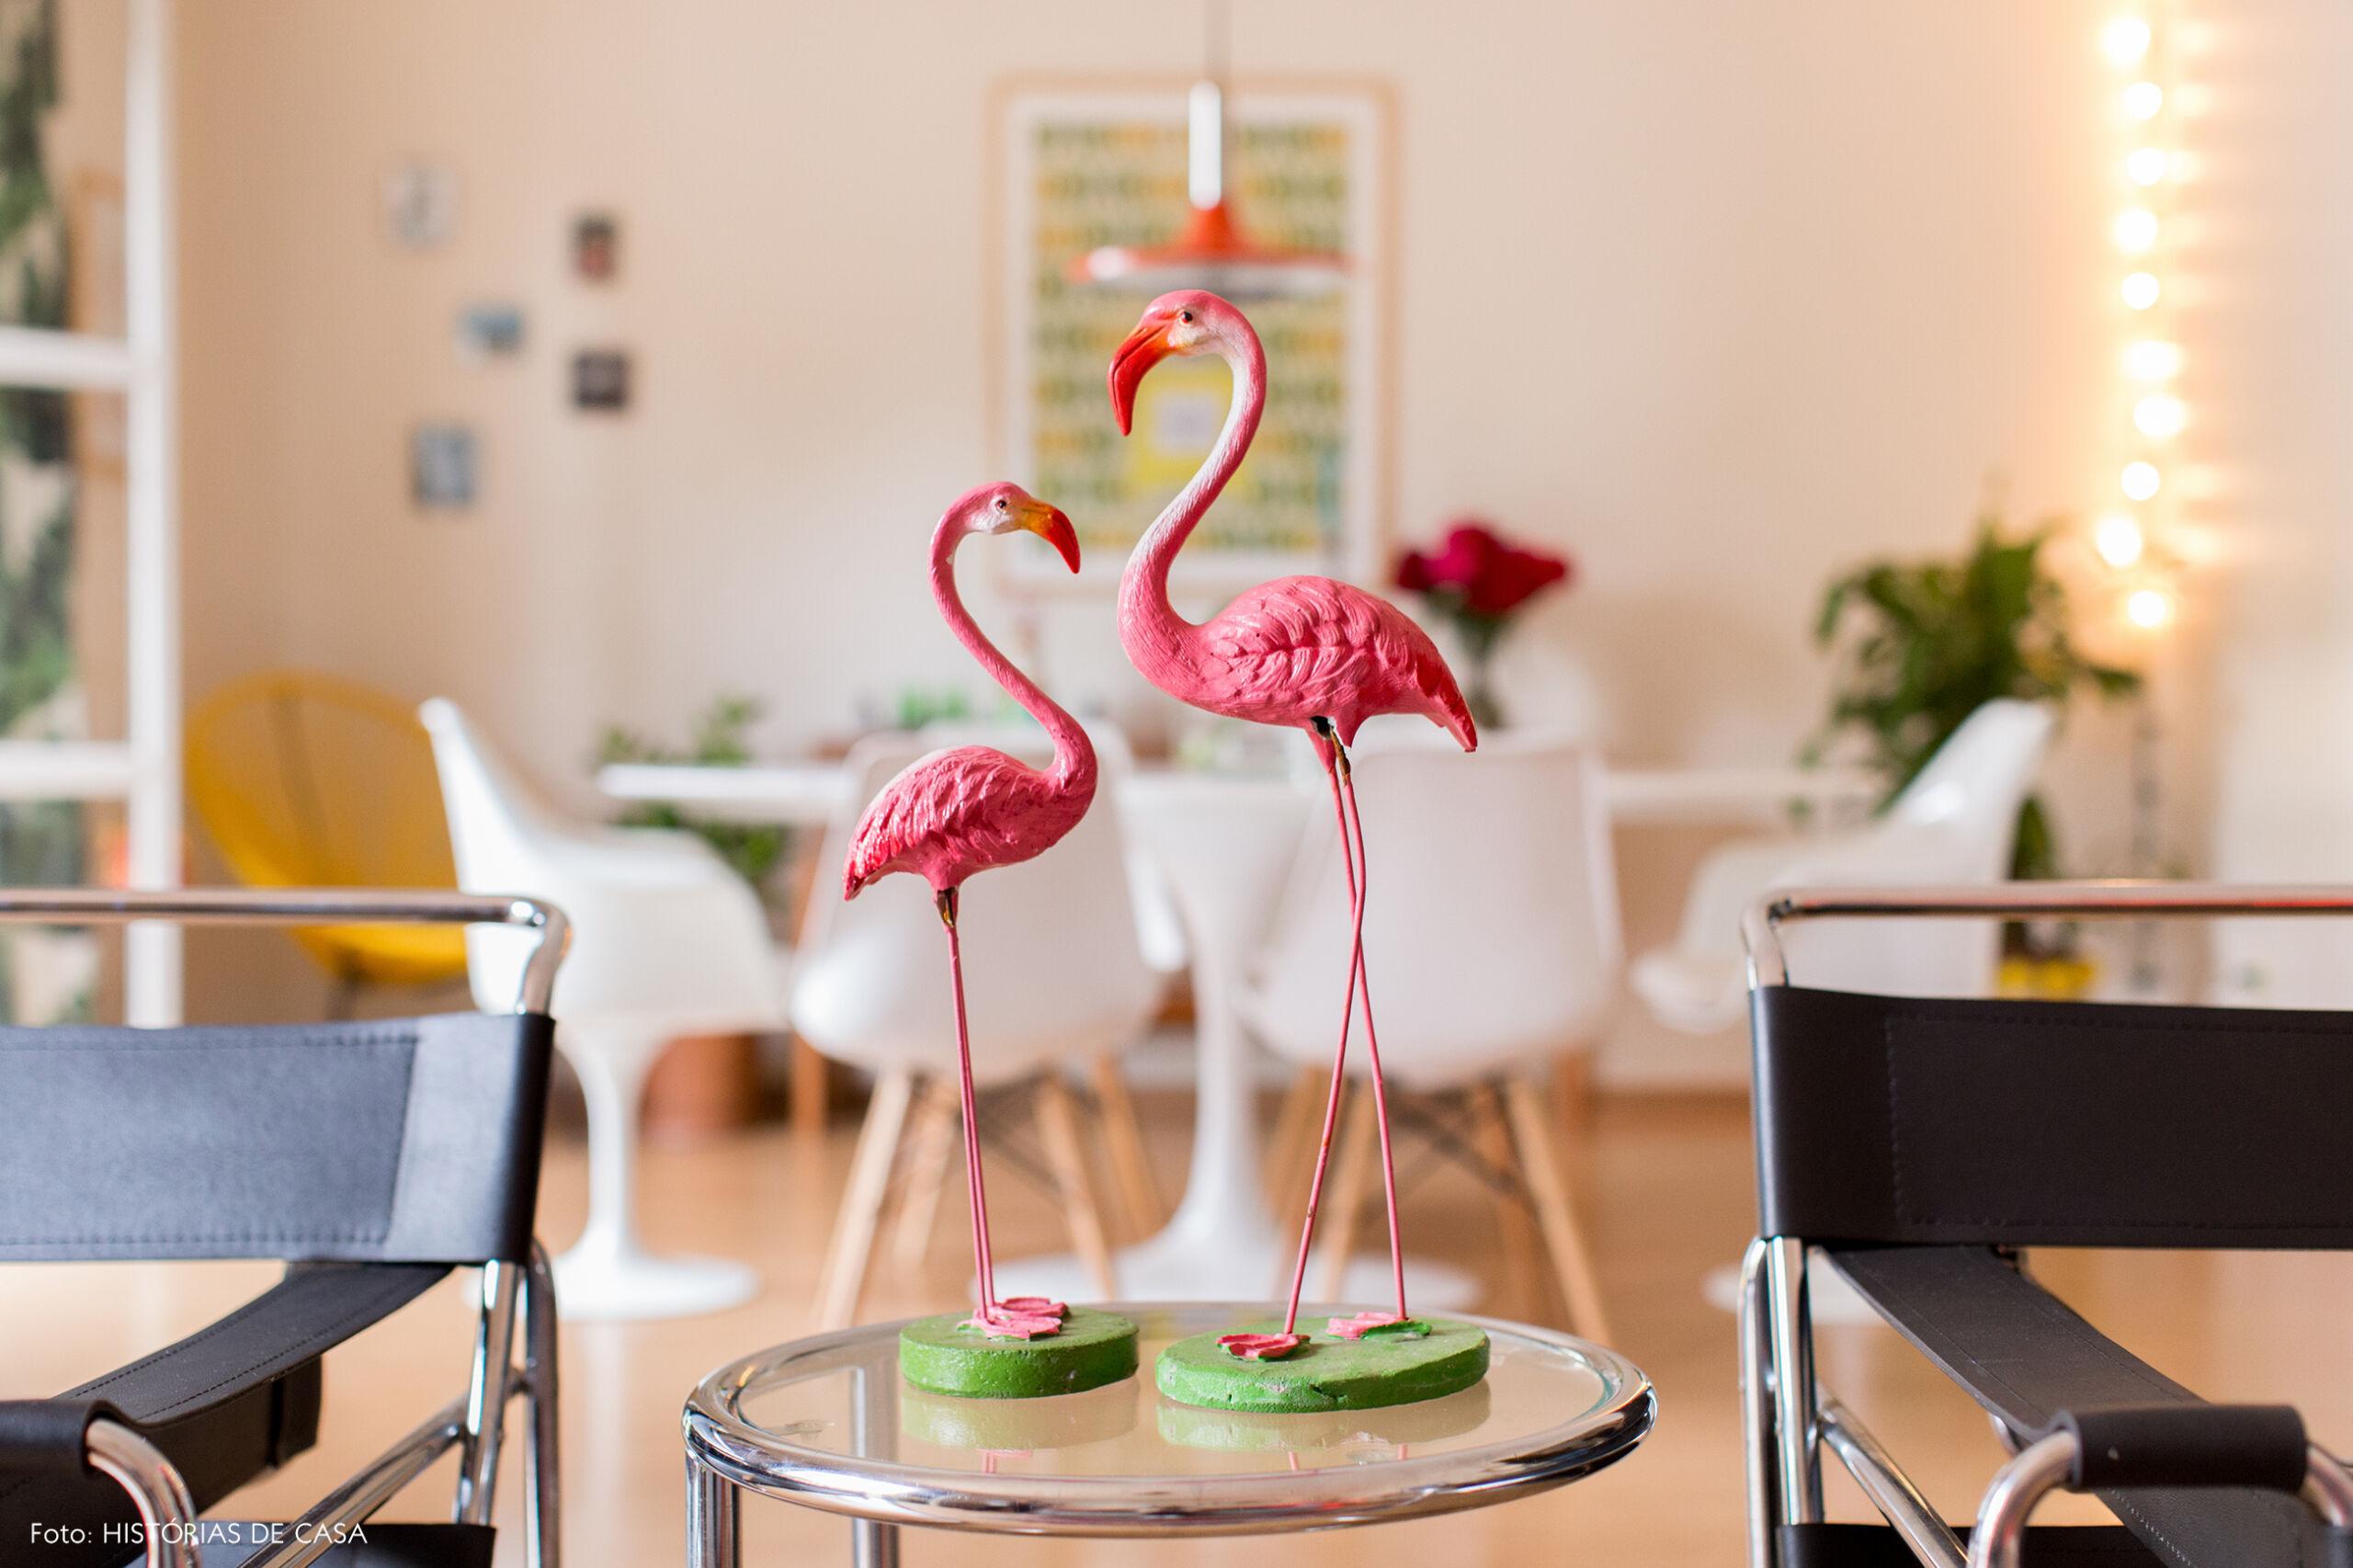 Decoração com detalhes kitsch, como flamingos